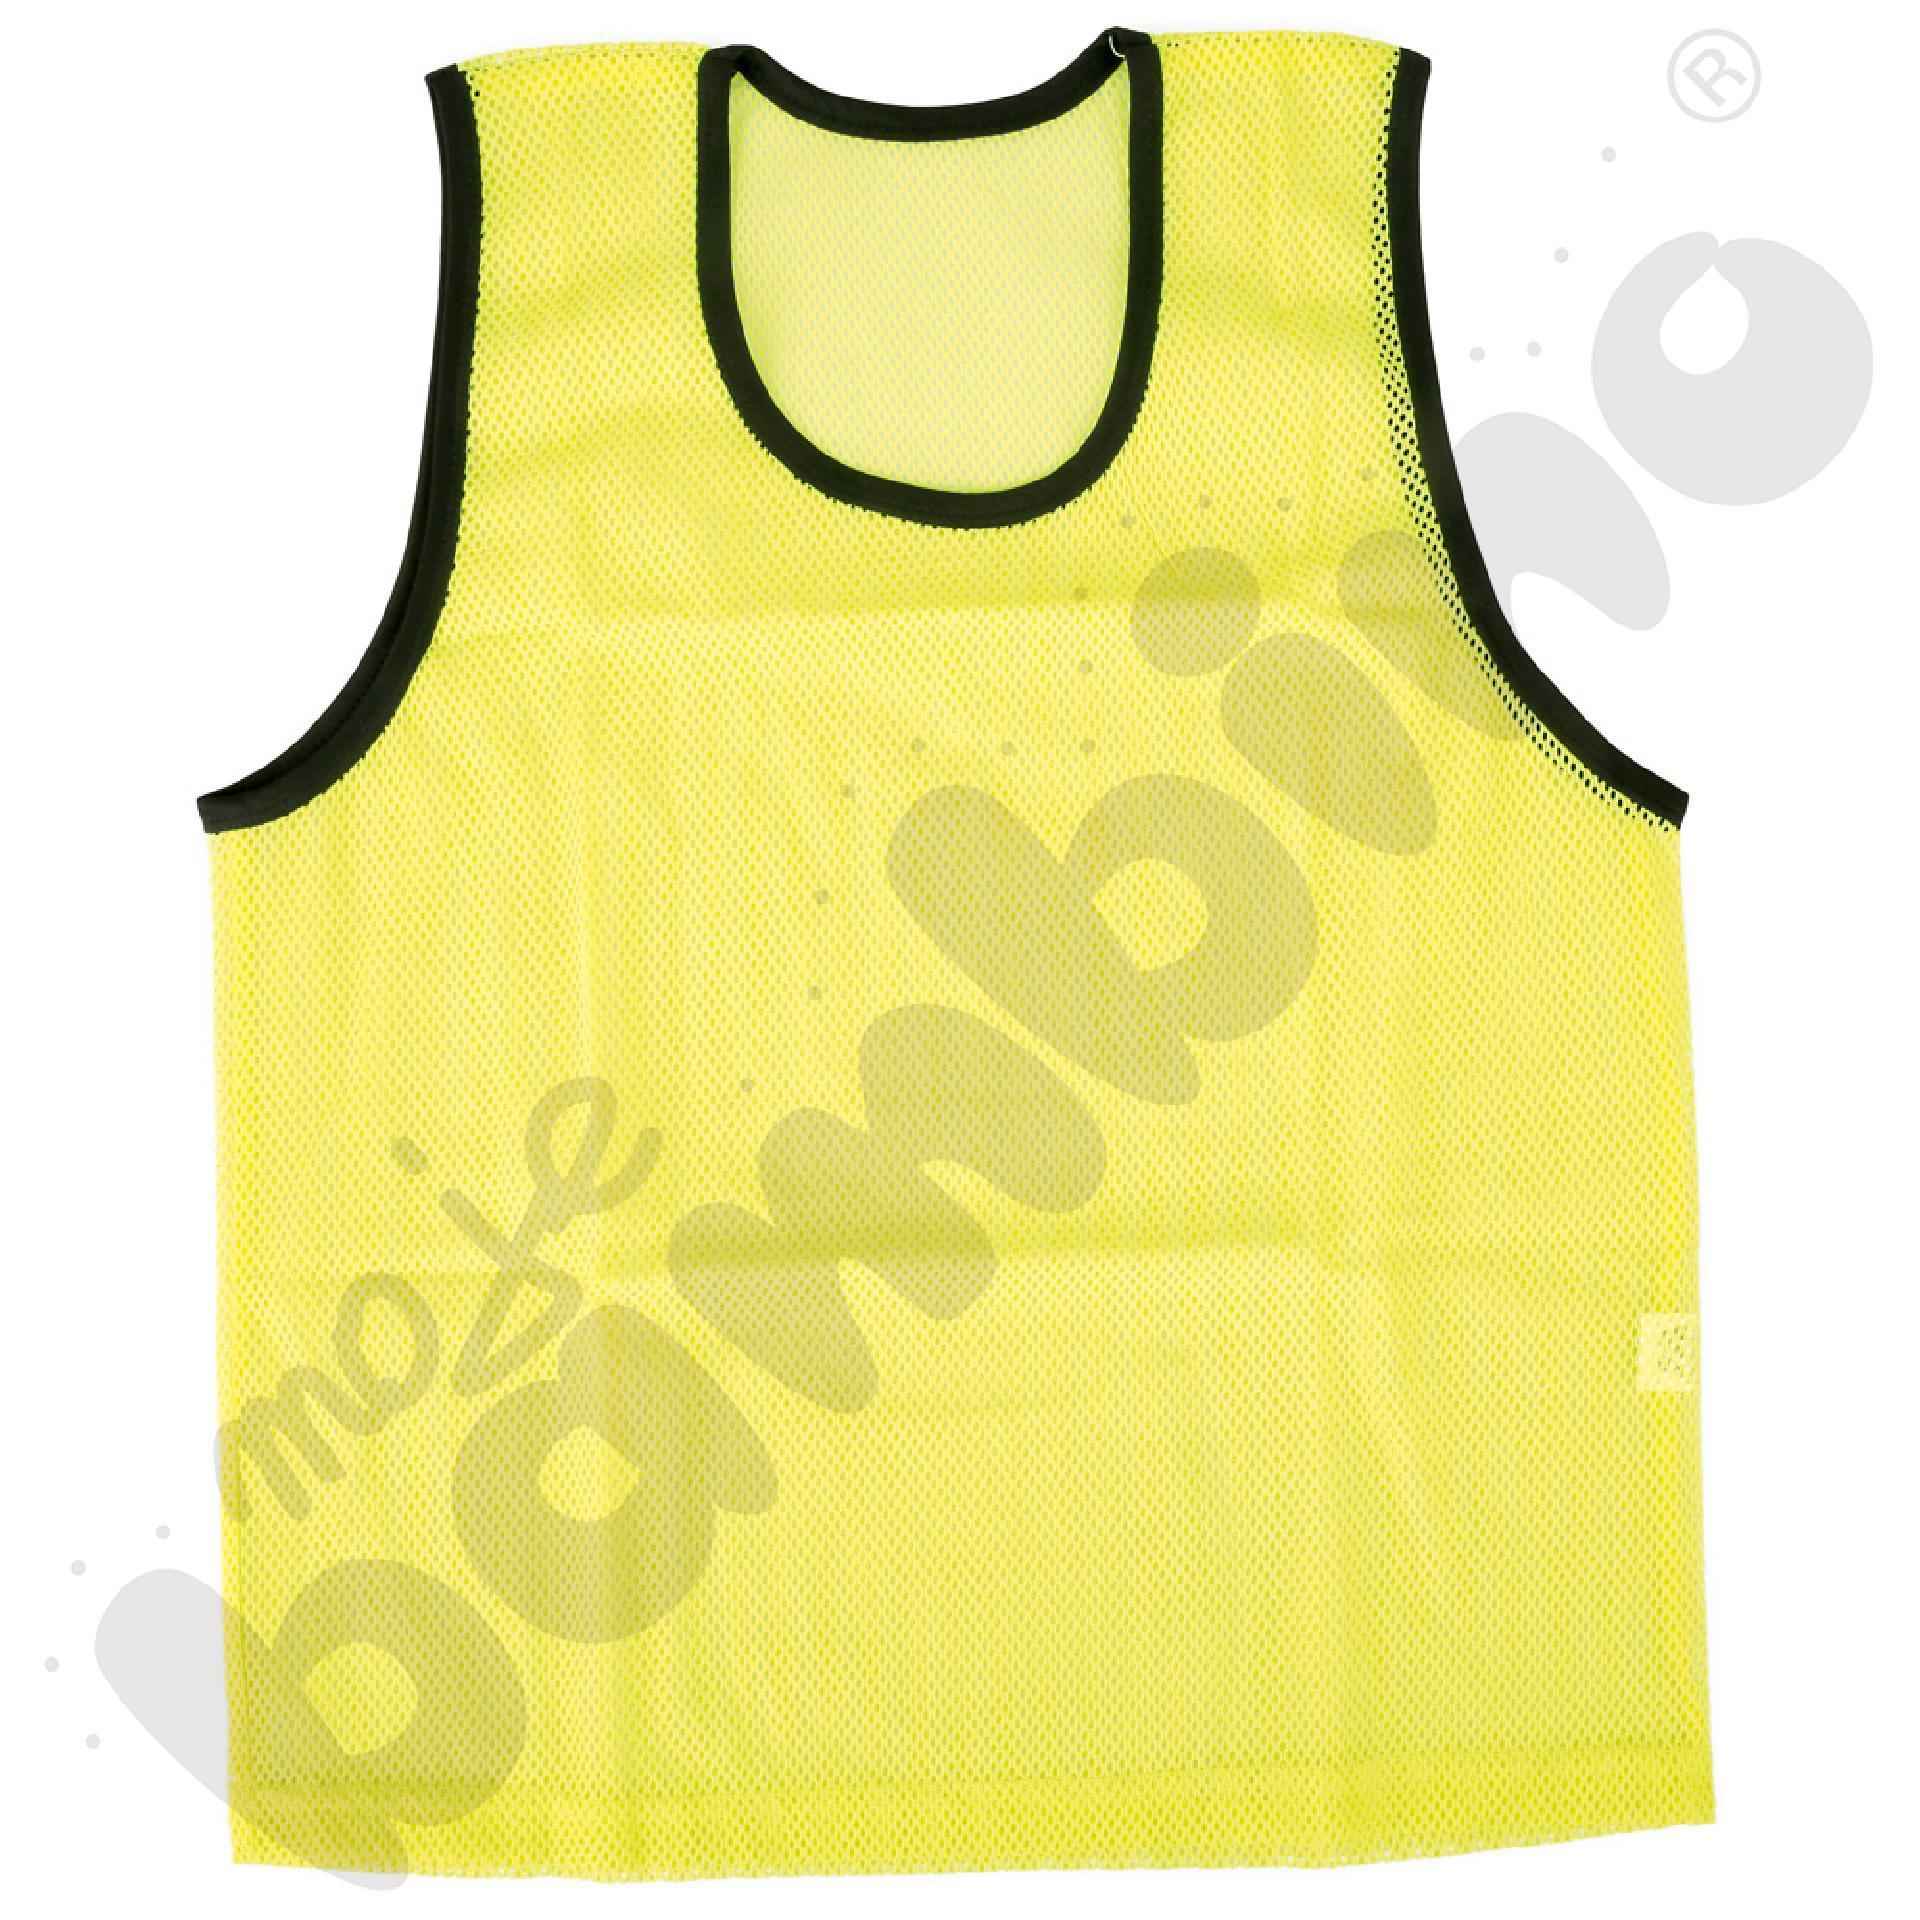 Koszulka jaskrawożółta, rozm. S